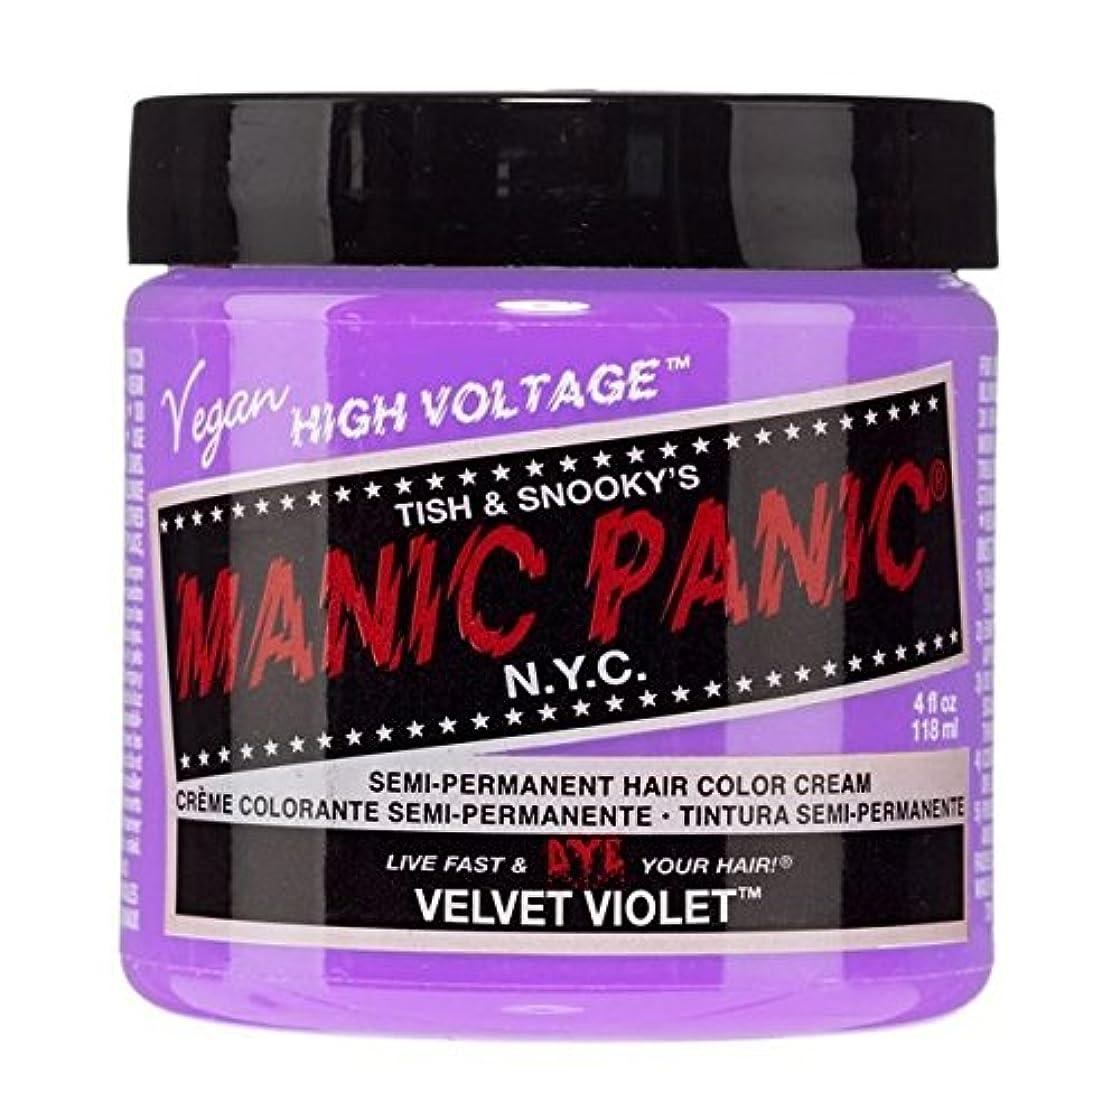 アクチュエータ教授残り物スペシャルセットMANIC PANICマニックパニック:VELVET VIOLET (ベルベットヴァイオレット)+ヘアカラーケア4点セット